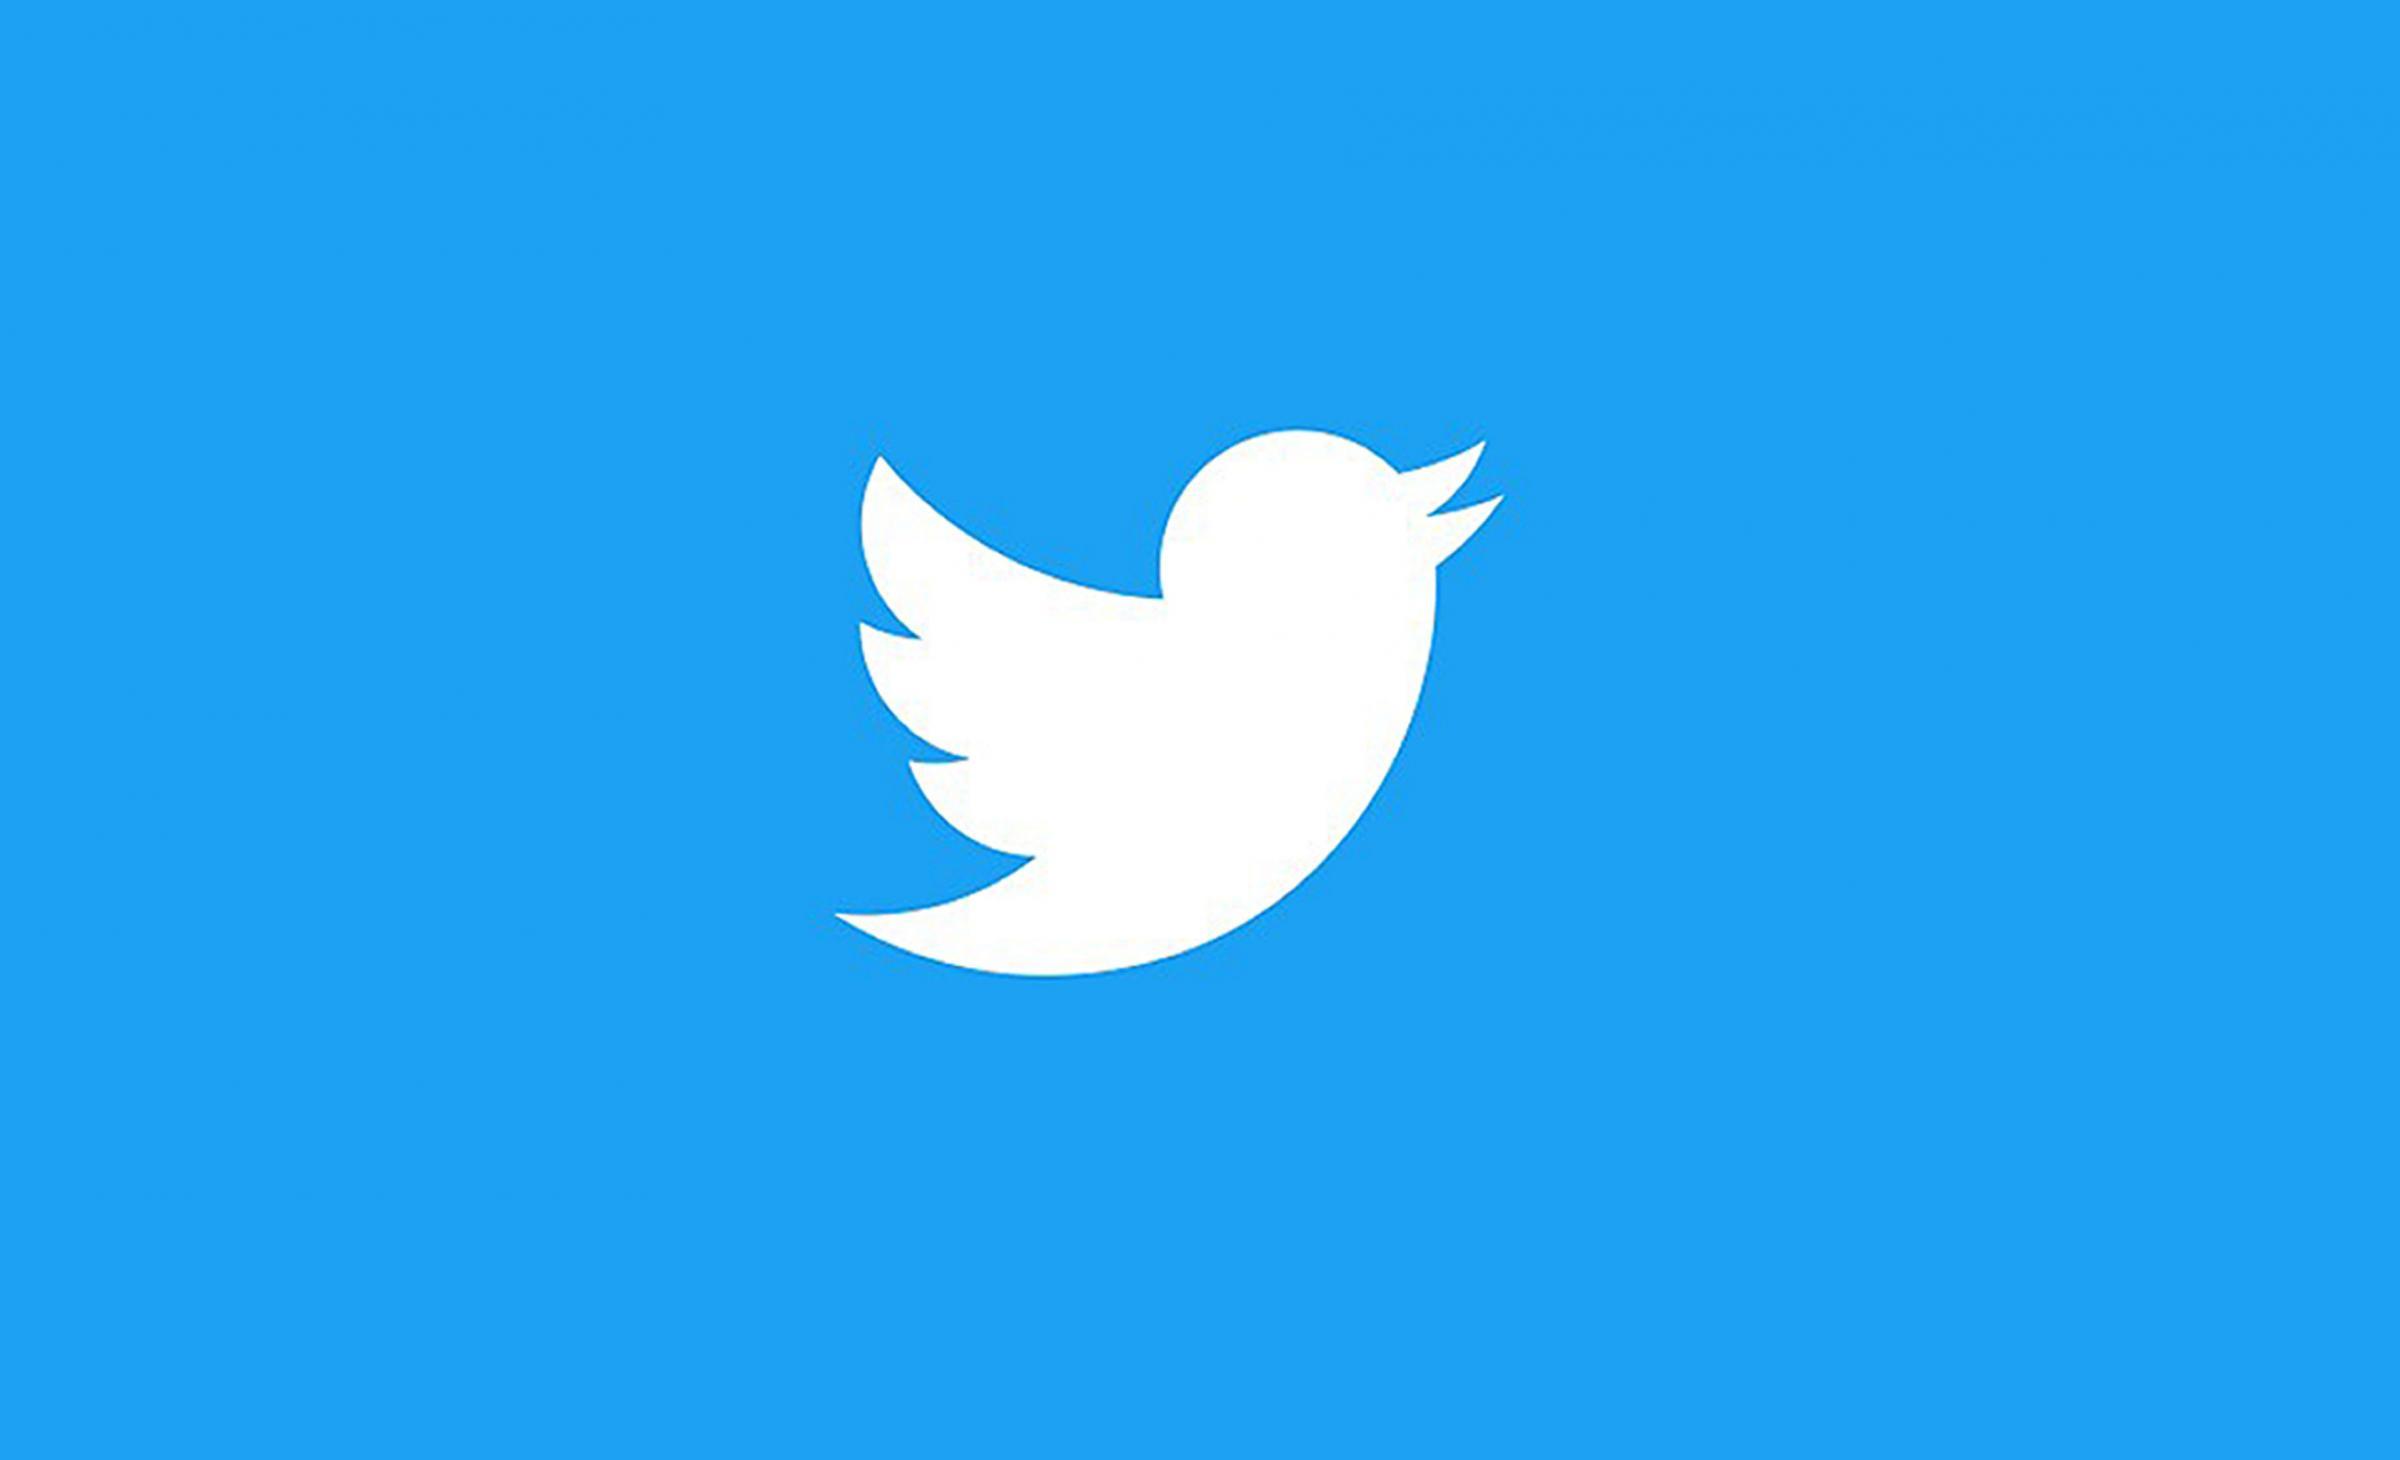 Twitter e cyberbullismo: il social dichiara guerra con nuove funzioni e filtri